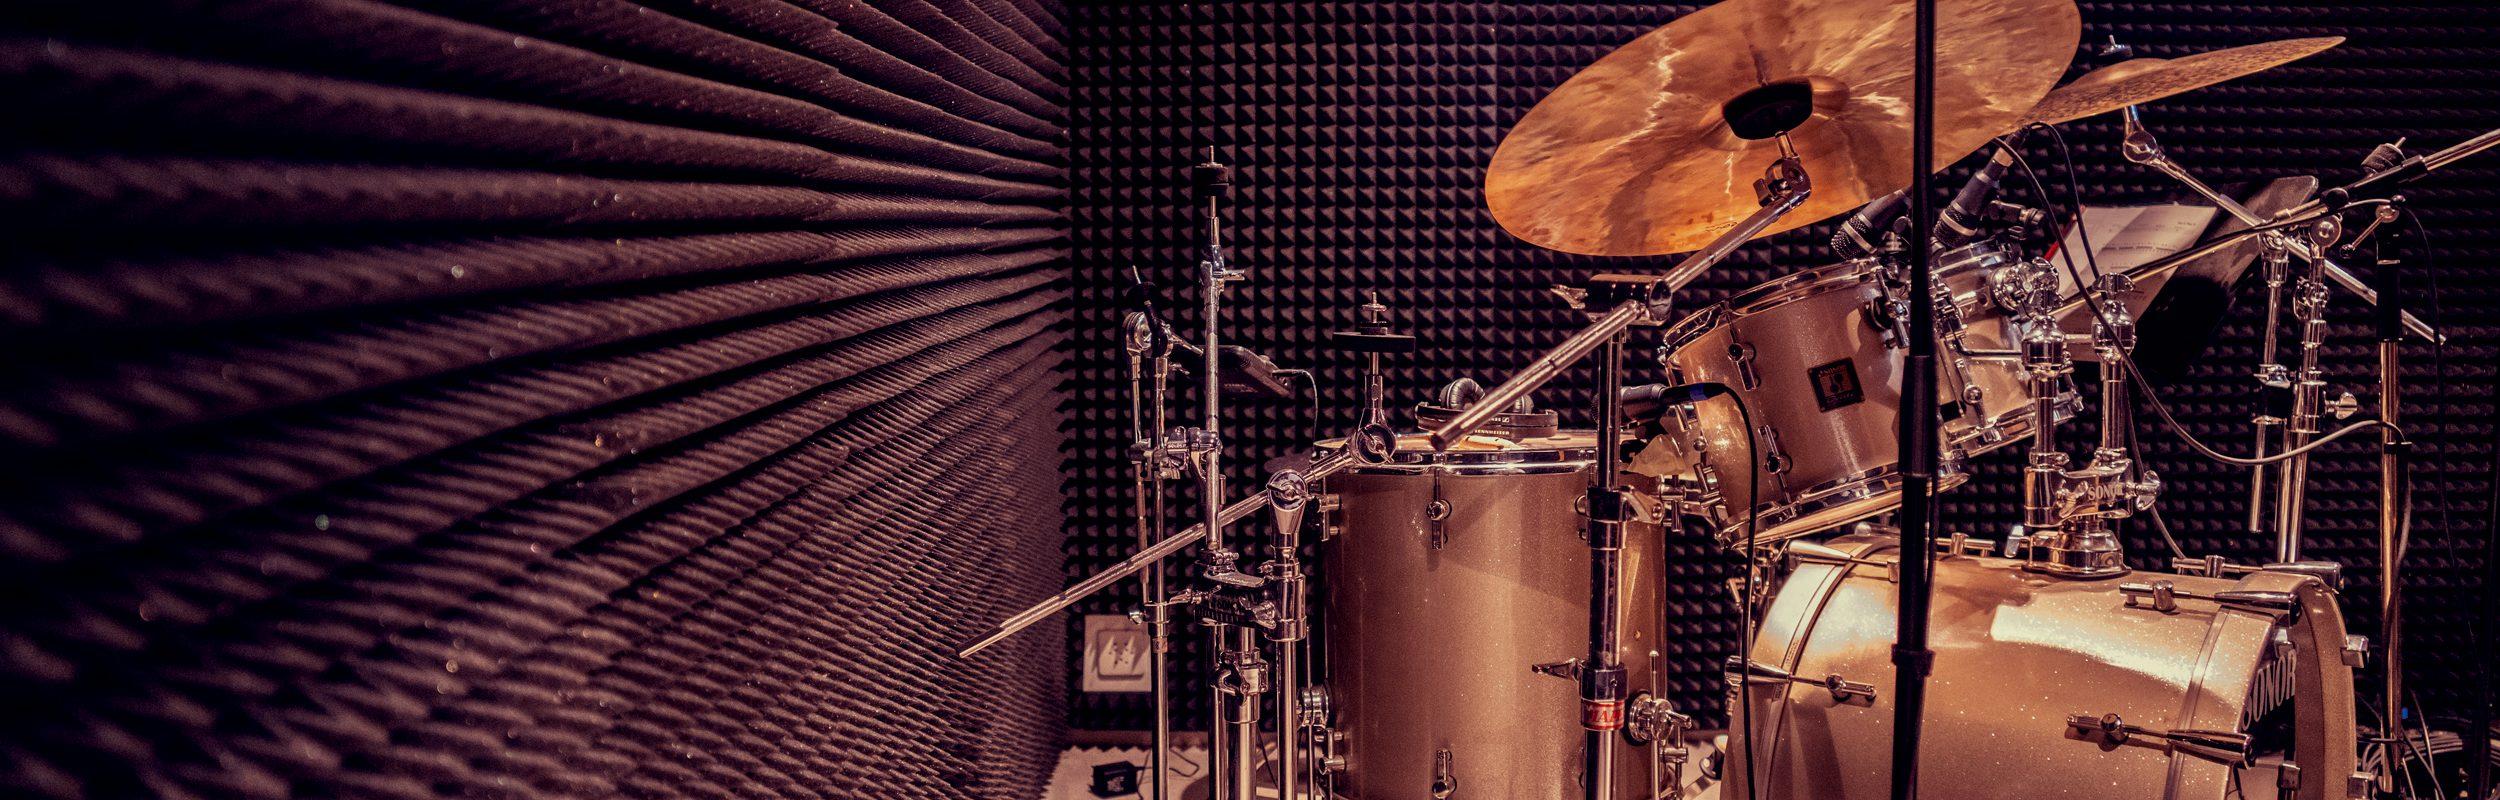 Schlagzeug in Kabine von der Seite